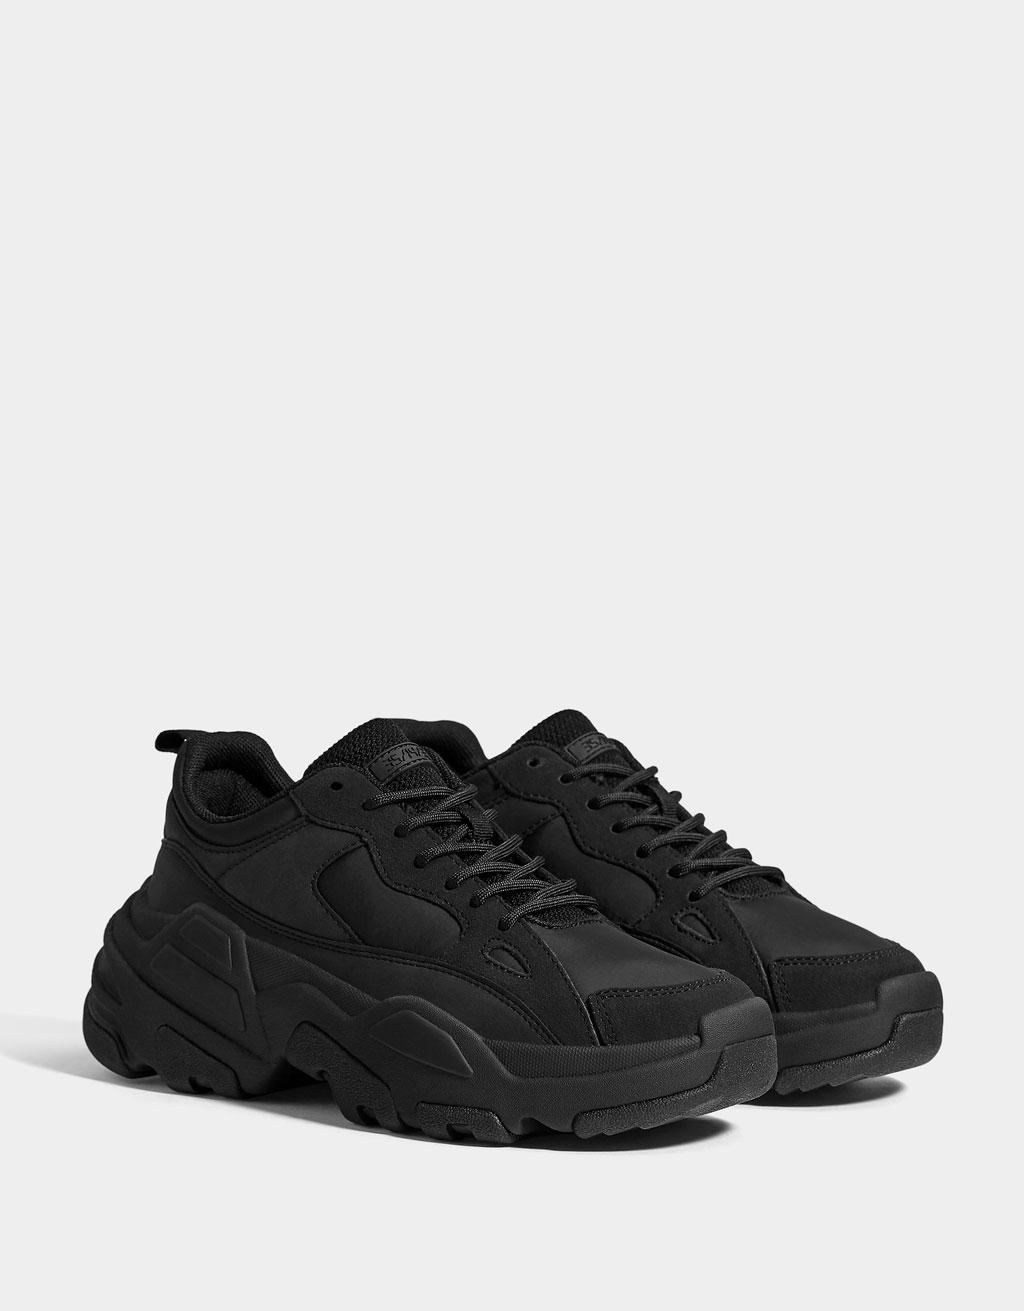 Dames Alles Xl Sneakers Monochrome Met Bekijken Zool Schoenen Voor nT7XxqS